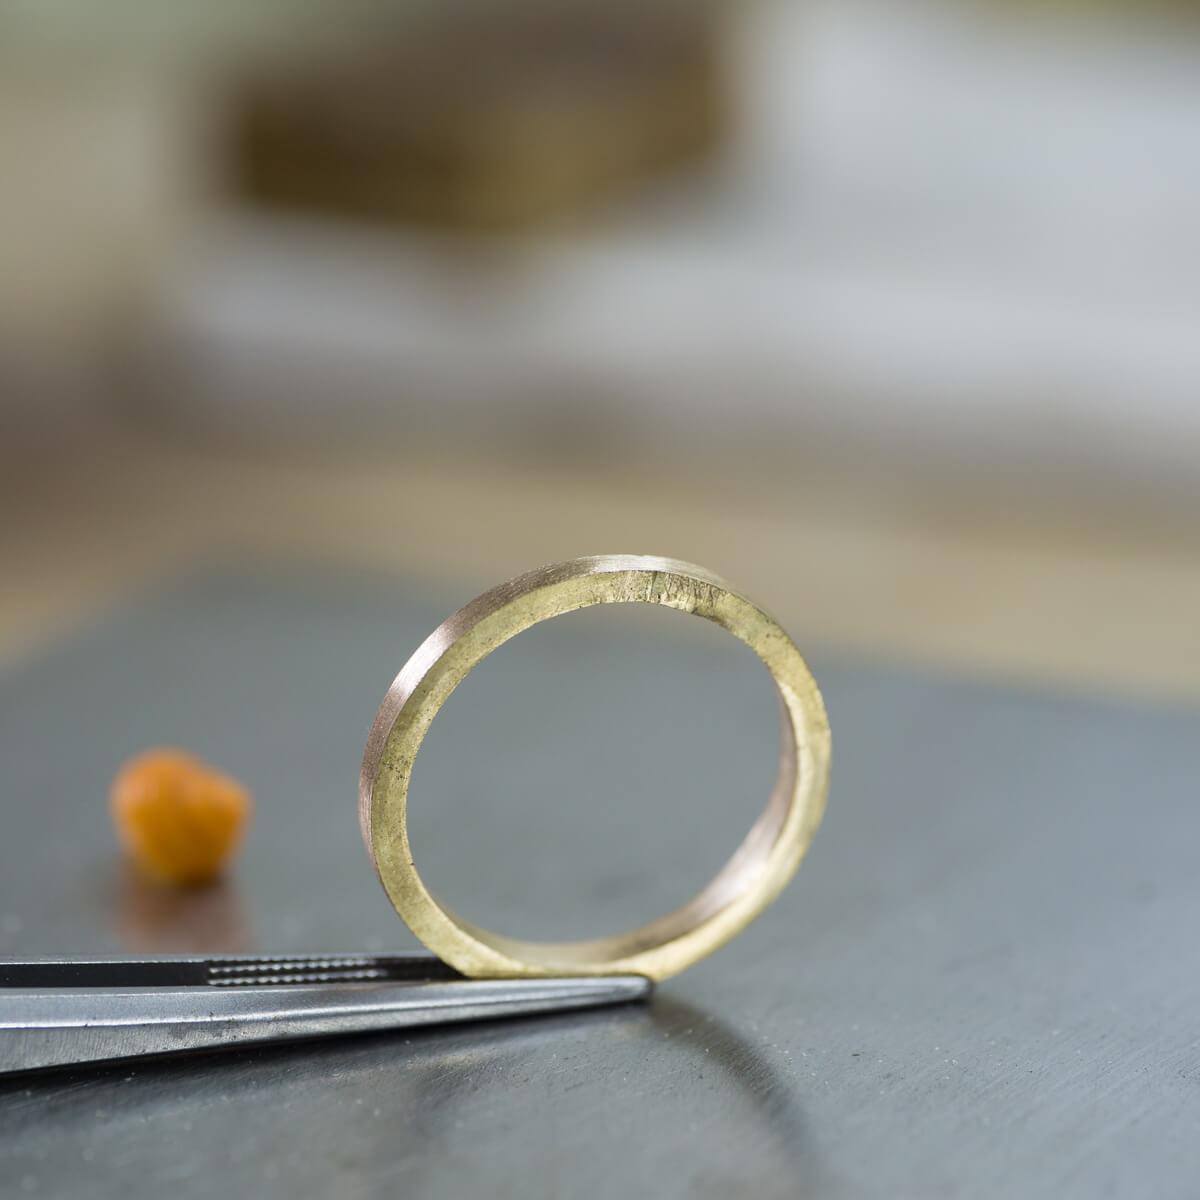 オーダーメイドマリッジリングの制作風景 ジュエリーのアトリエ シャンパンゴールドのリング 奥に見える屋久島の貝殻 屋久島でつくる結婚指輪